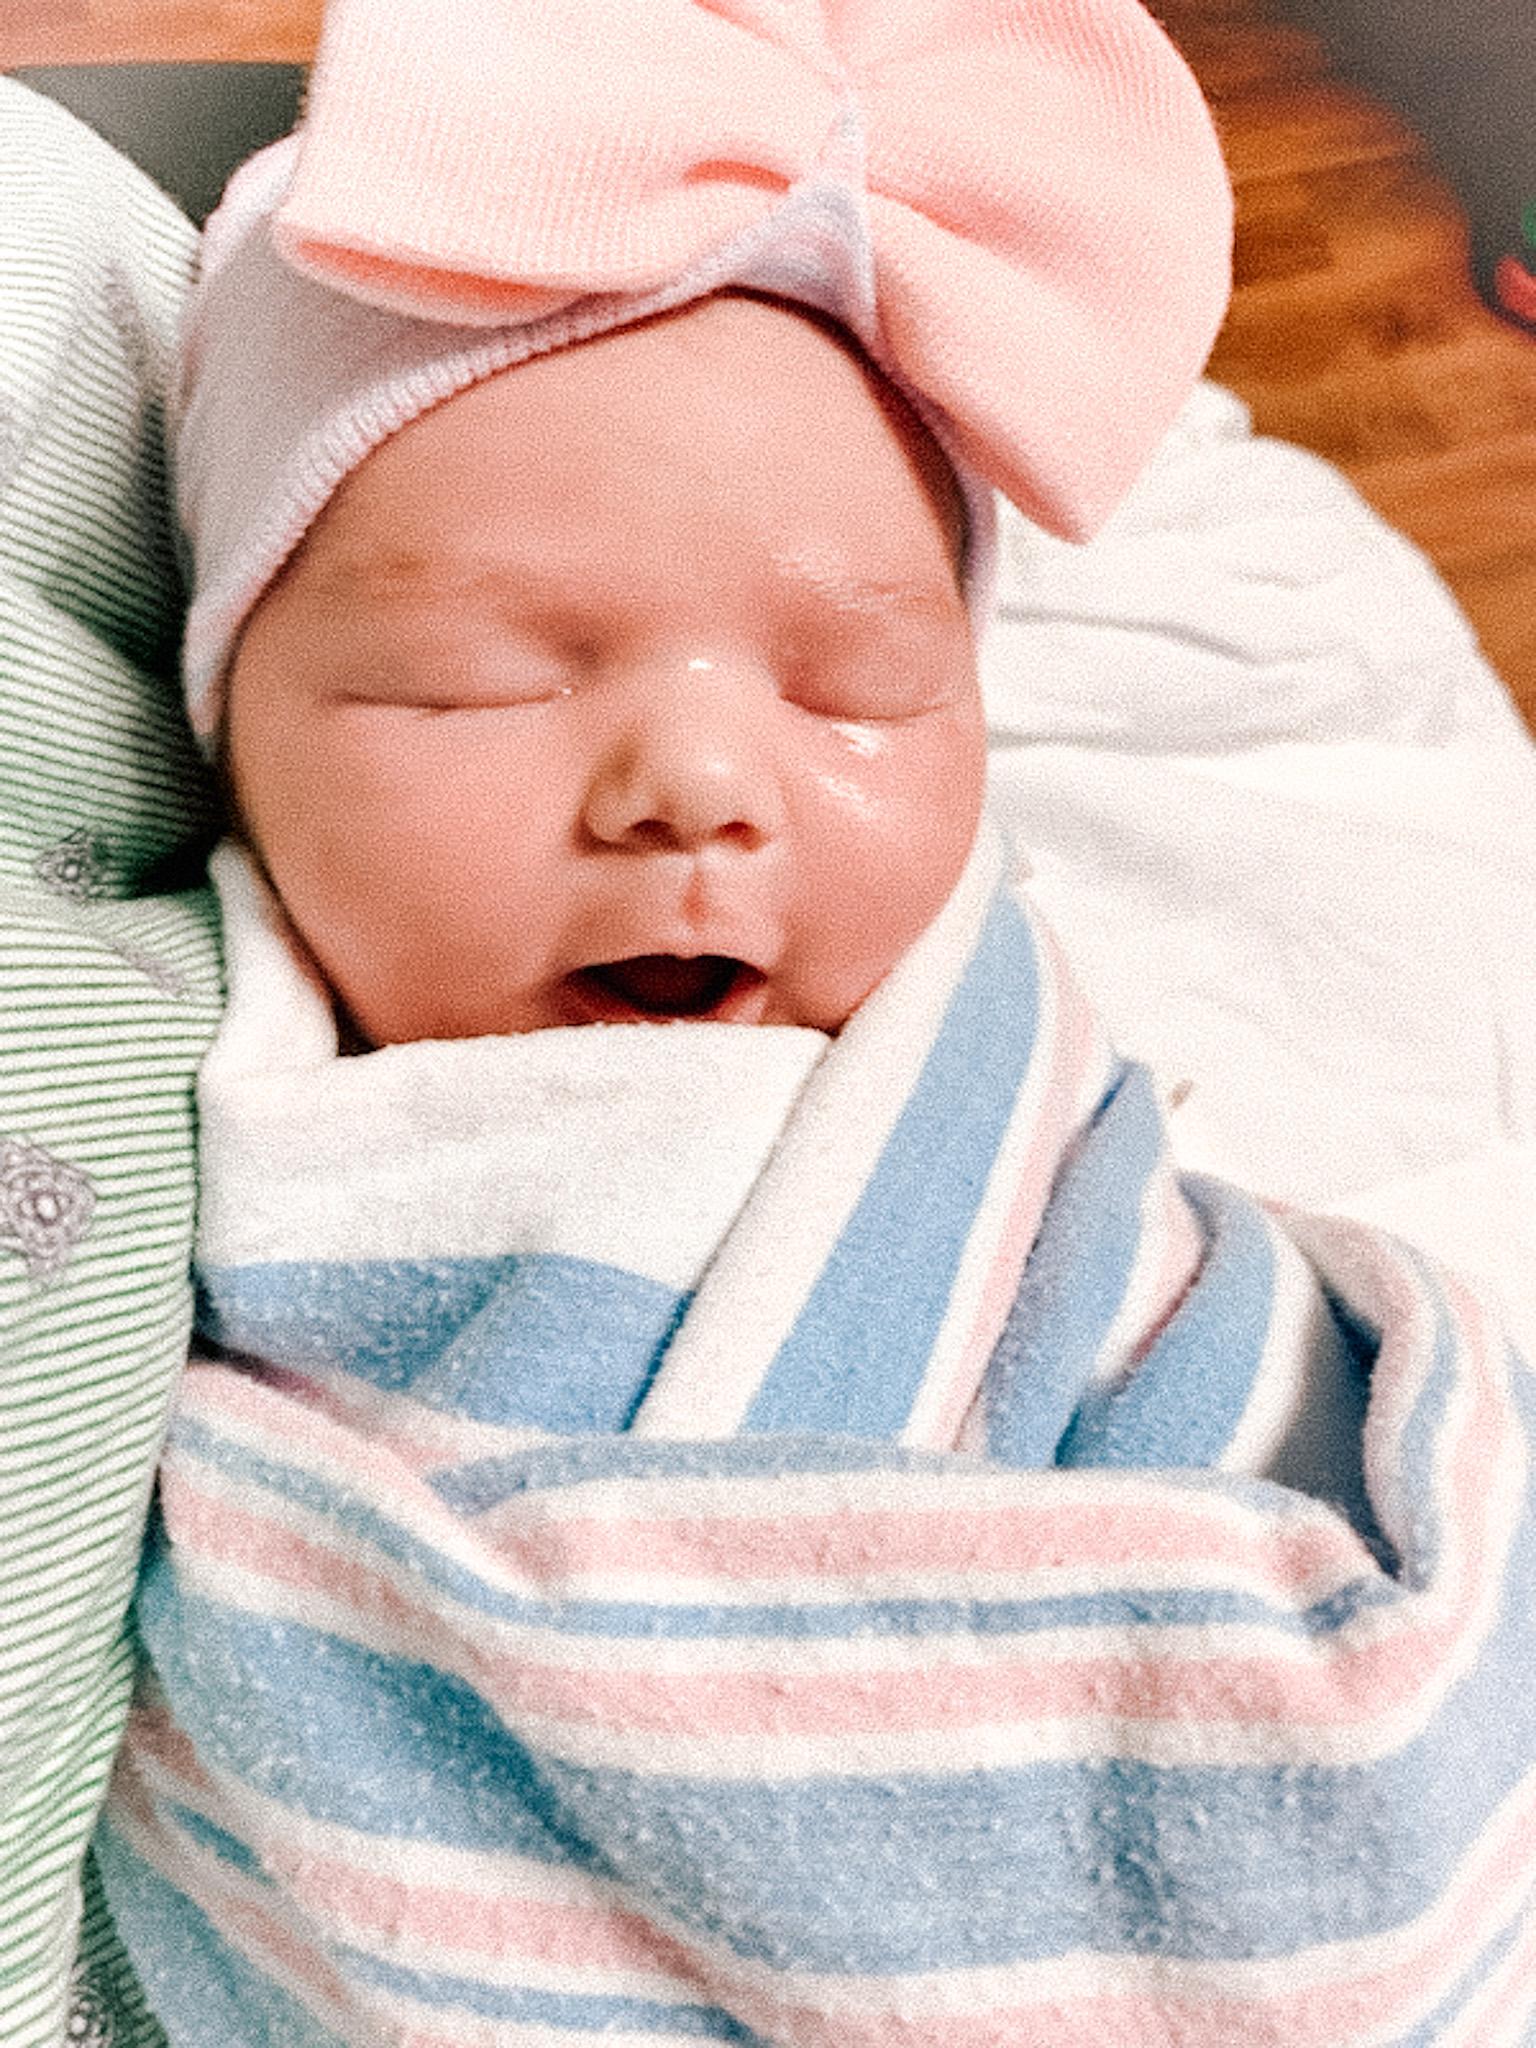 newborn baby story